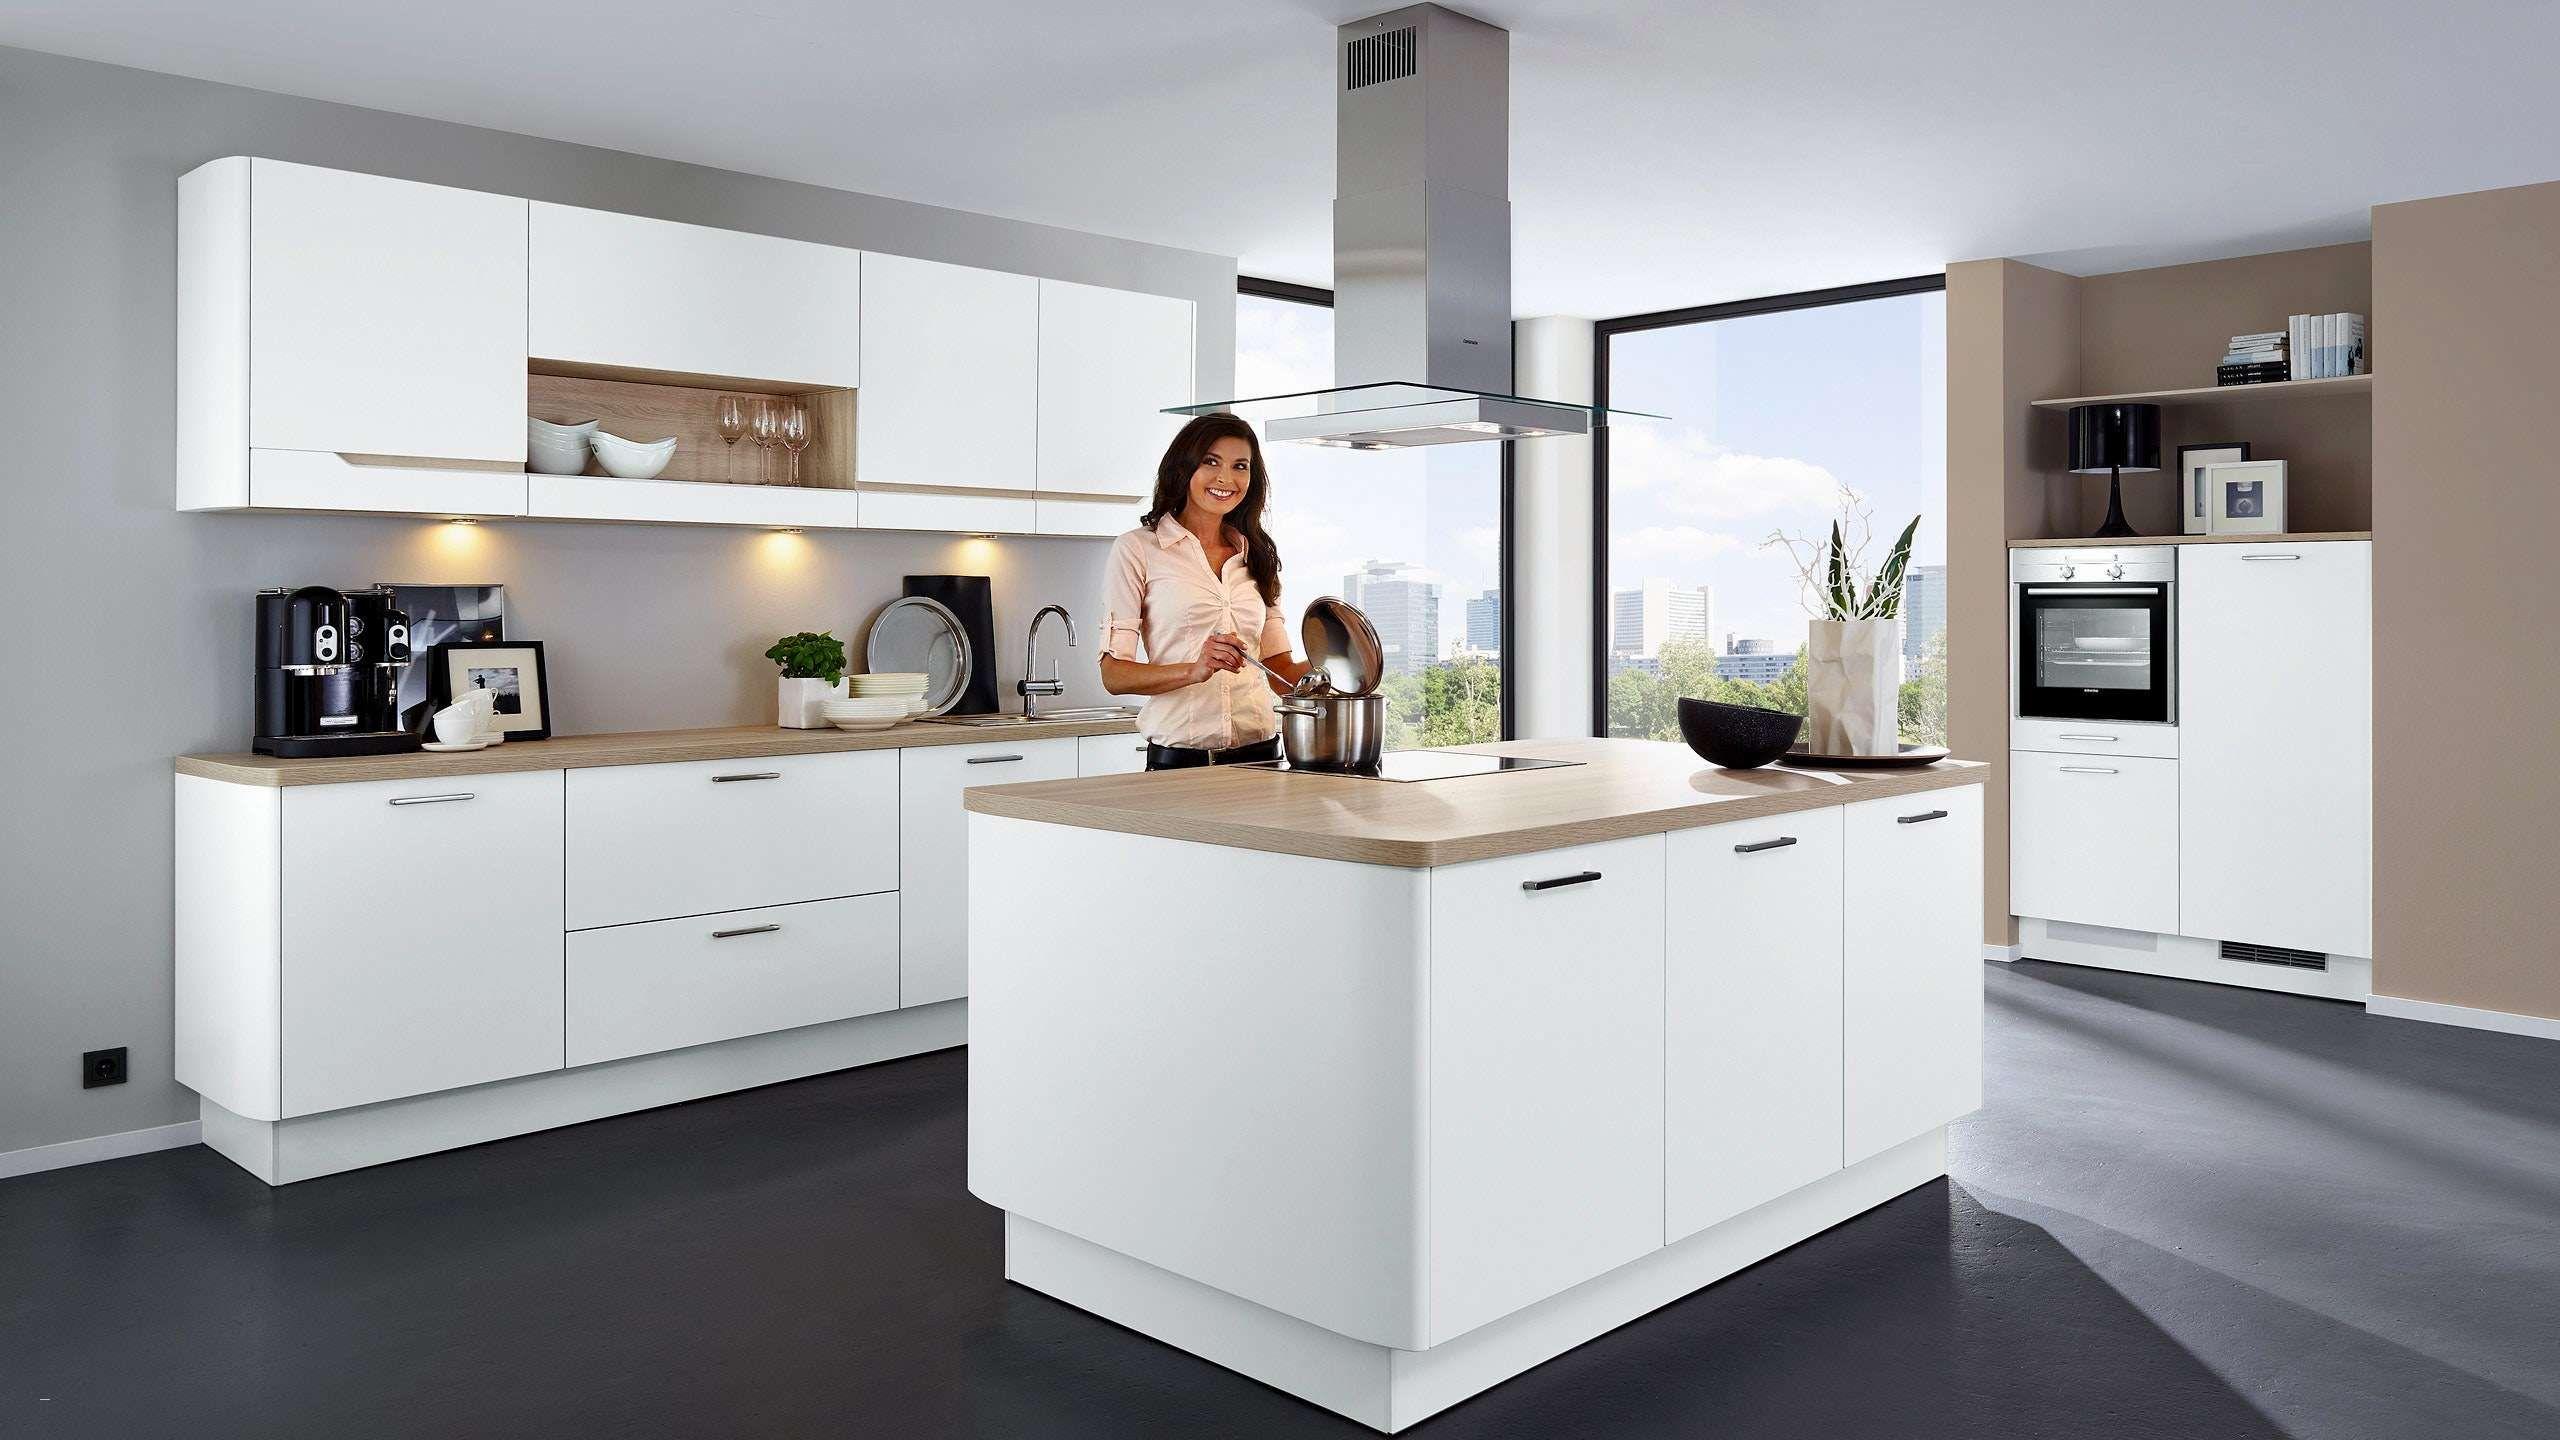 Full Size of Ikea Aufbewahrung Kche Wohnzimmer Haus Design Ideen Abrufen Luxus Arbeitstisch Küche Industrial Wandpaneel Glas Bank Wasserhahn Einbauküche Mit Wohnzimmer Ikea Aufbewahrung Küche